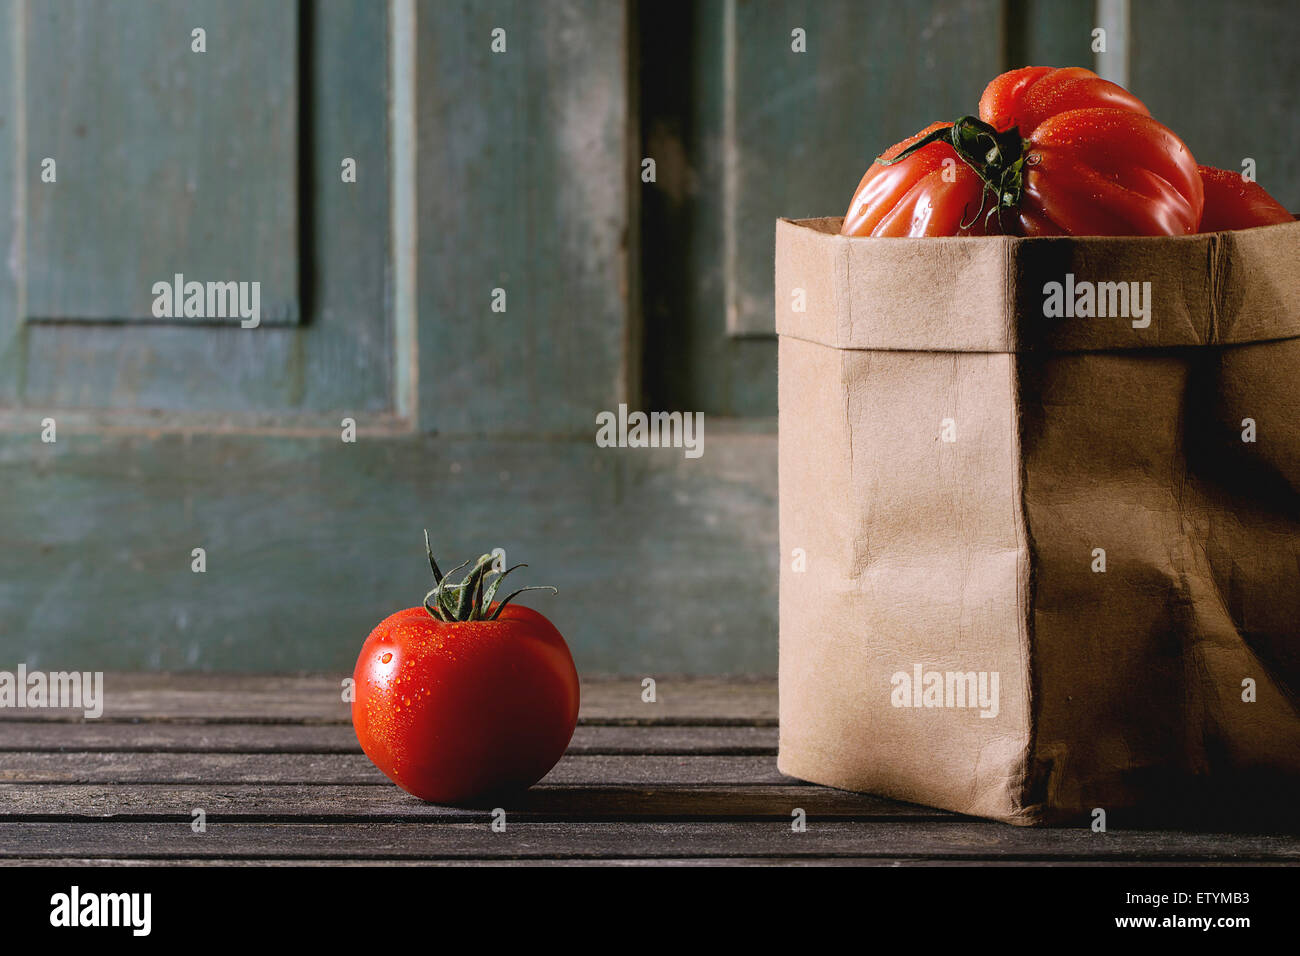 Eins und Haufen von großen roten Tomaten RAF in Papiertüte über alten Holztisch. Dunkle, rustikale Stockbild